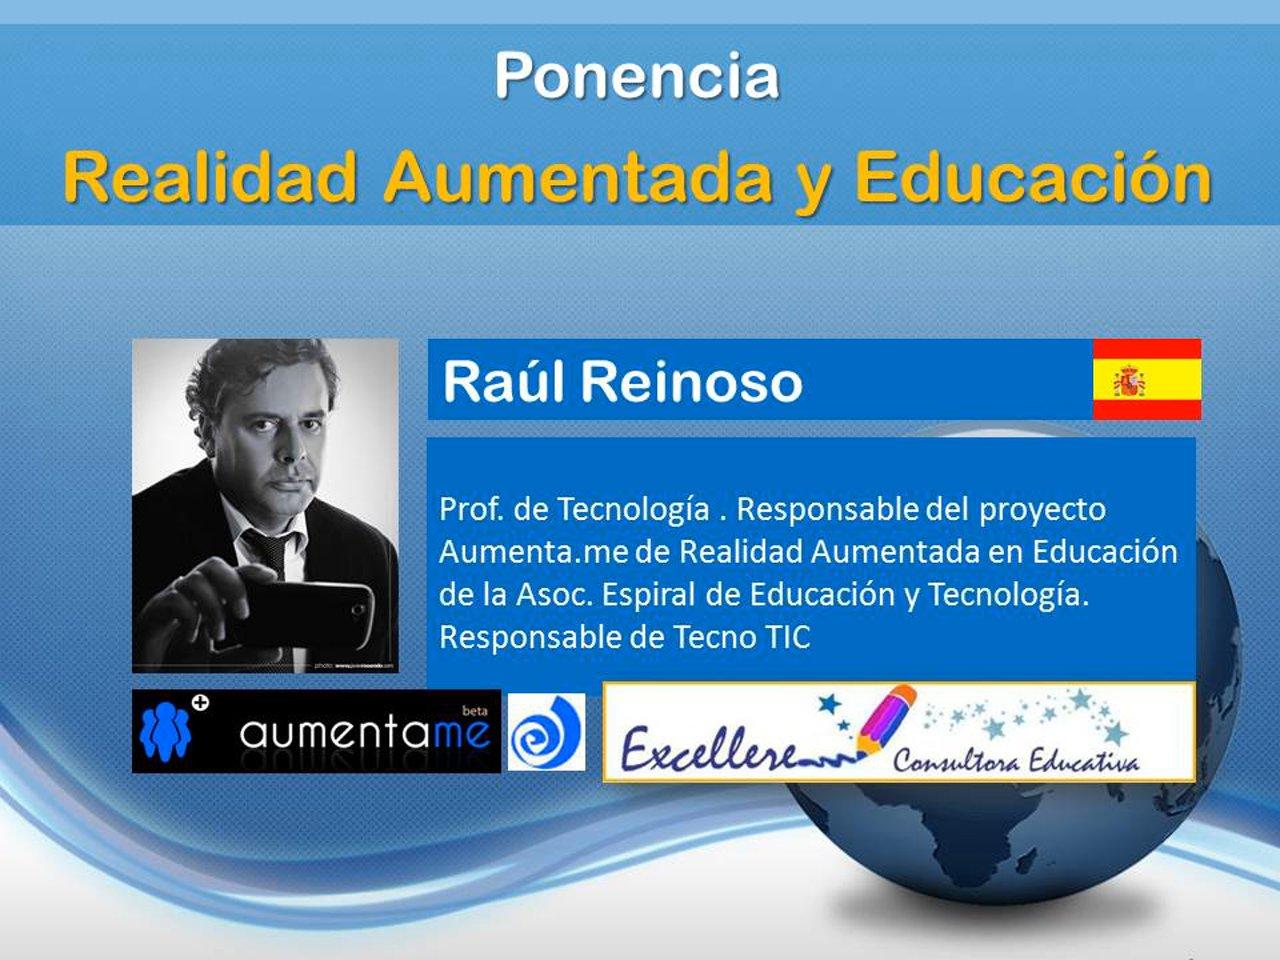 Ponencia de Raul Reinoso: Realidad Aumentada y Educación.